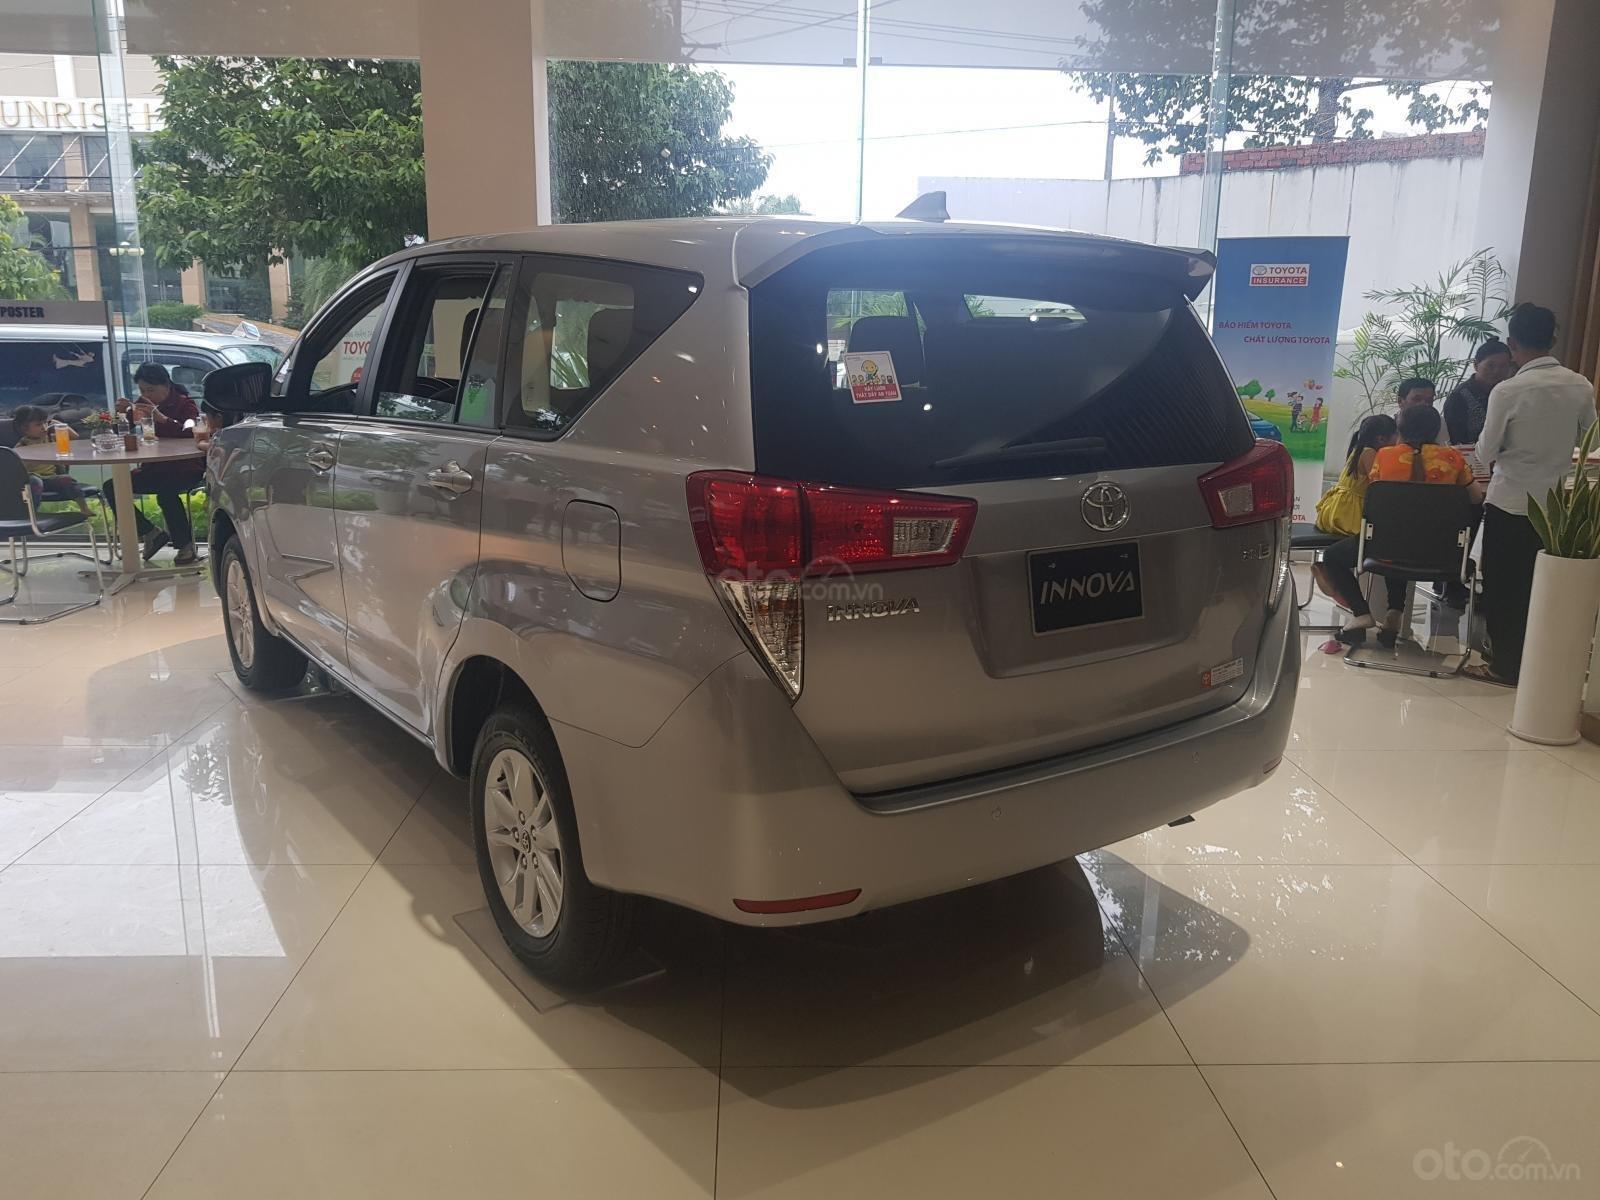 Bán trả góp xe Toyota Innova 2.0E giá 731 triệu tặng bảo hiểm 12 triệu tại Toyota Tây Ninh (2)